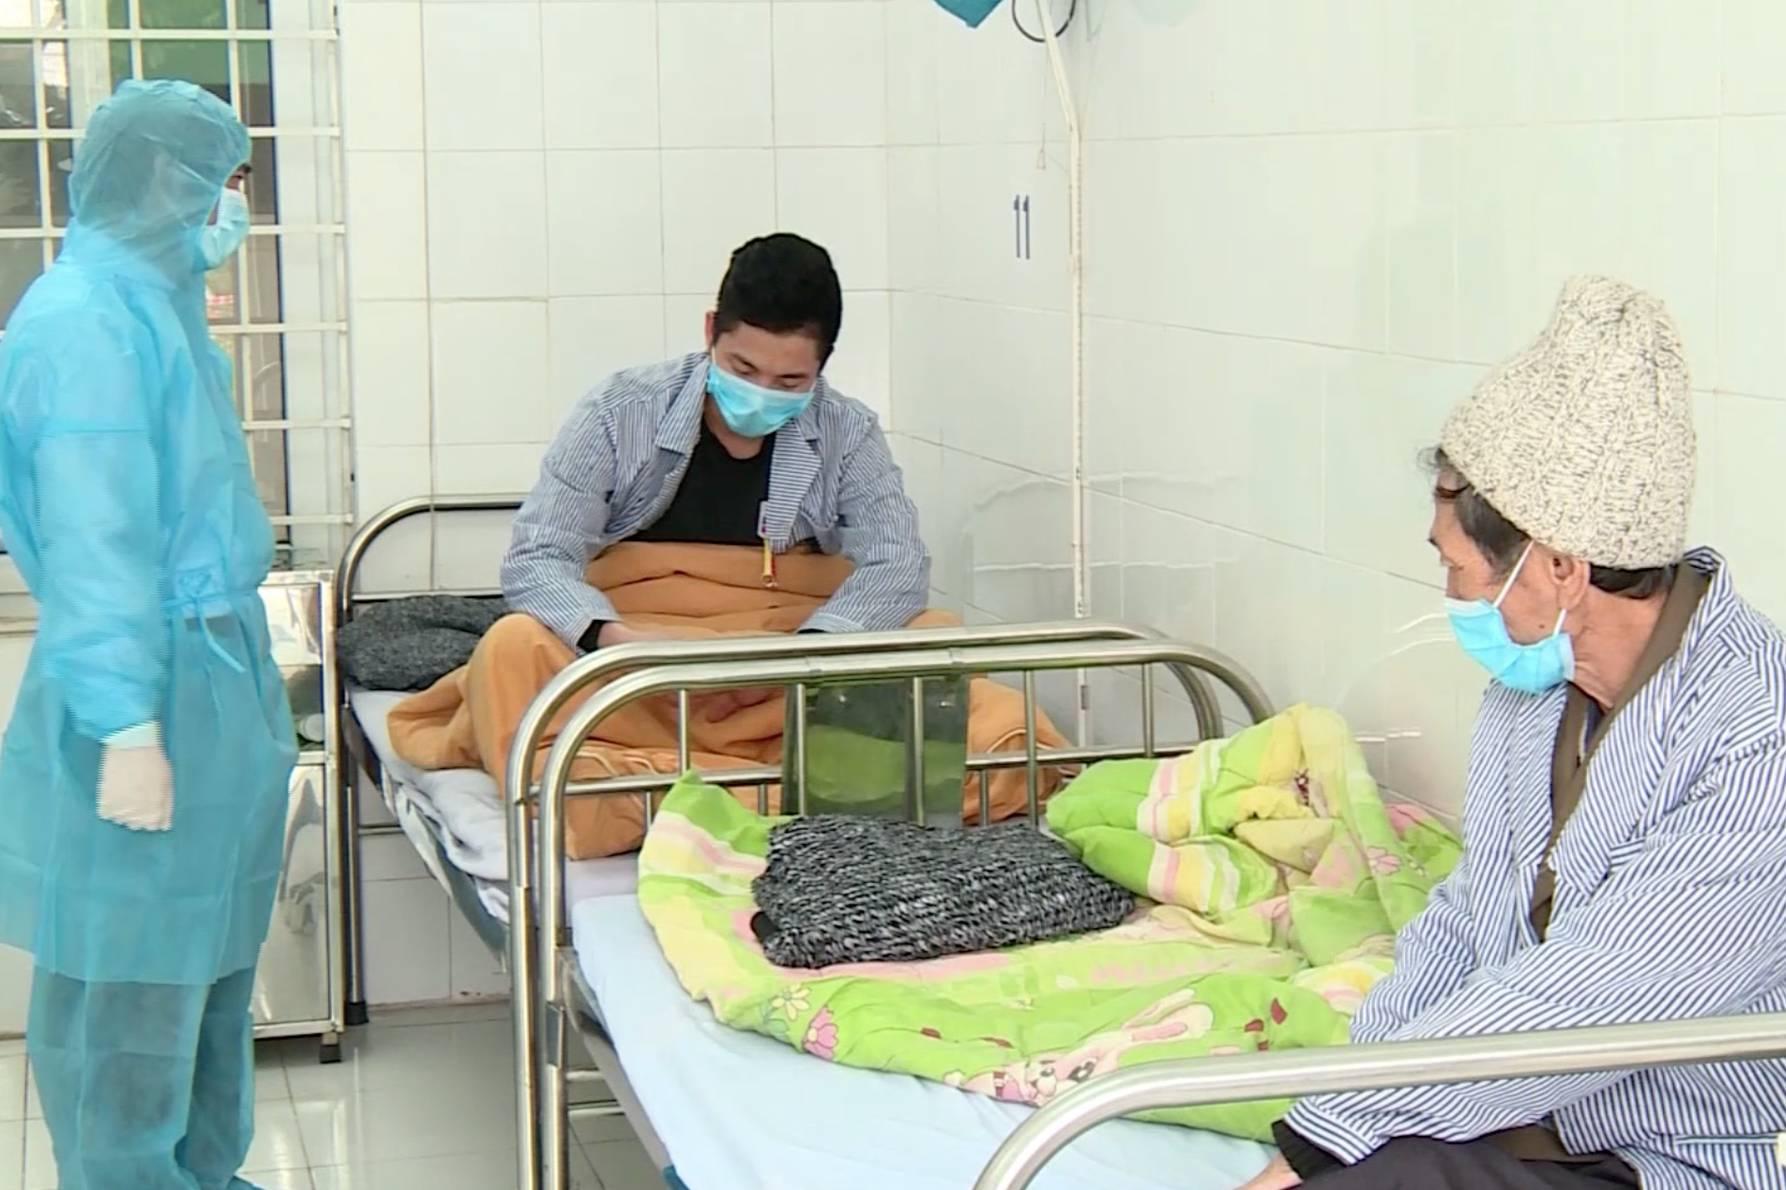 Toàn bộ 16 bệnh nhân nhiễm virus Covid-19 ở Việt Nam đã khỏi bệnh